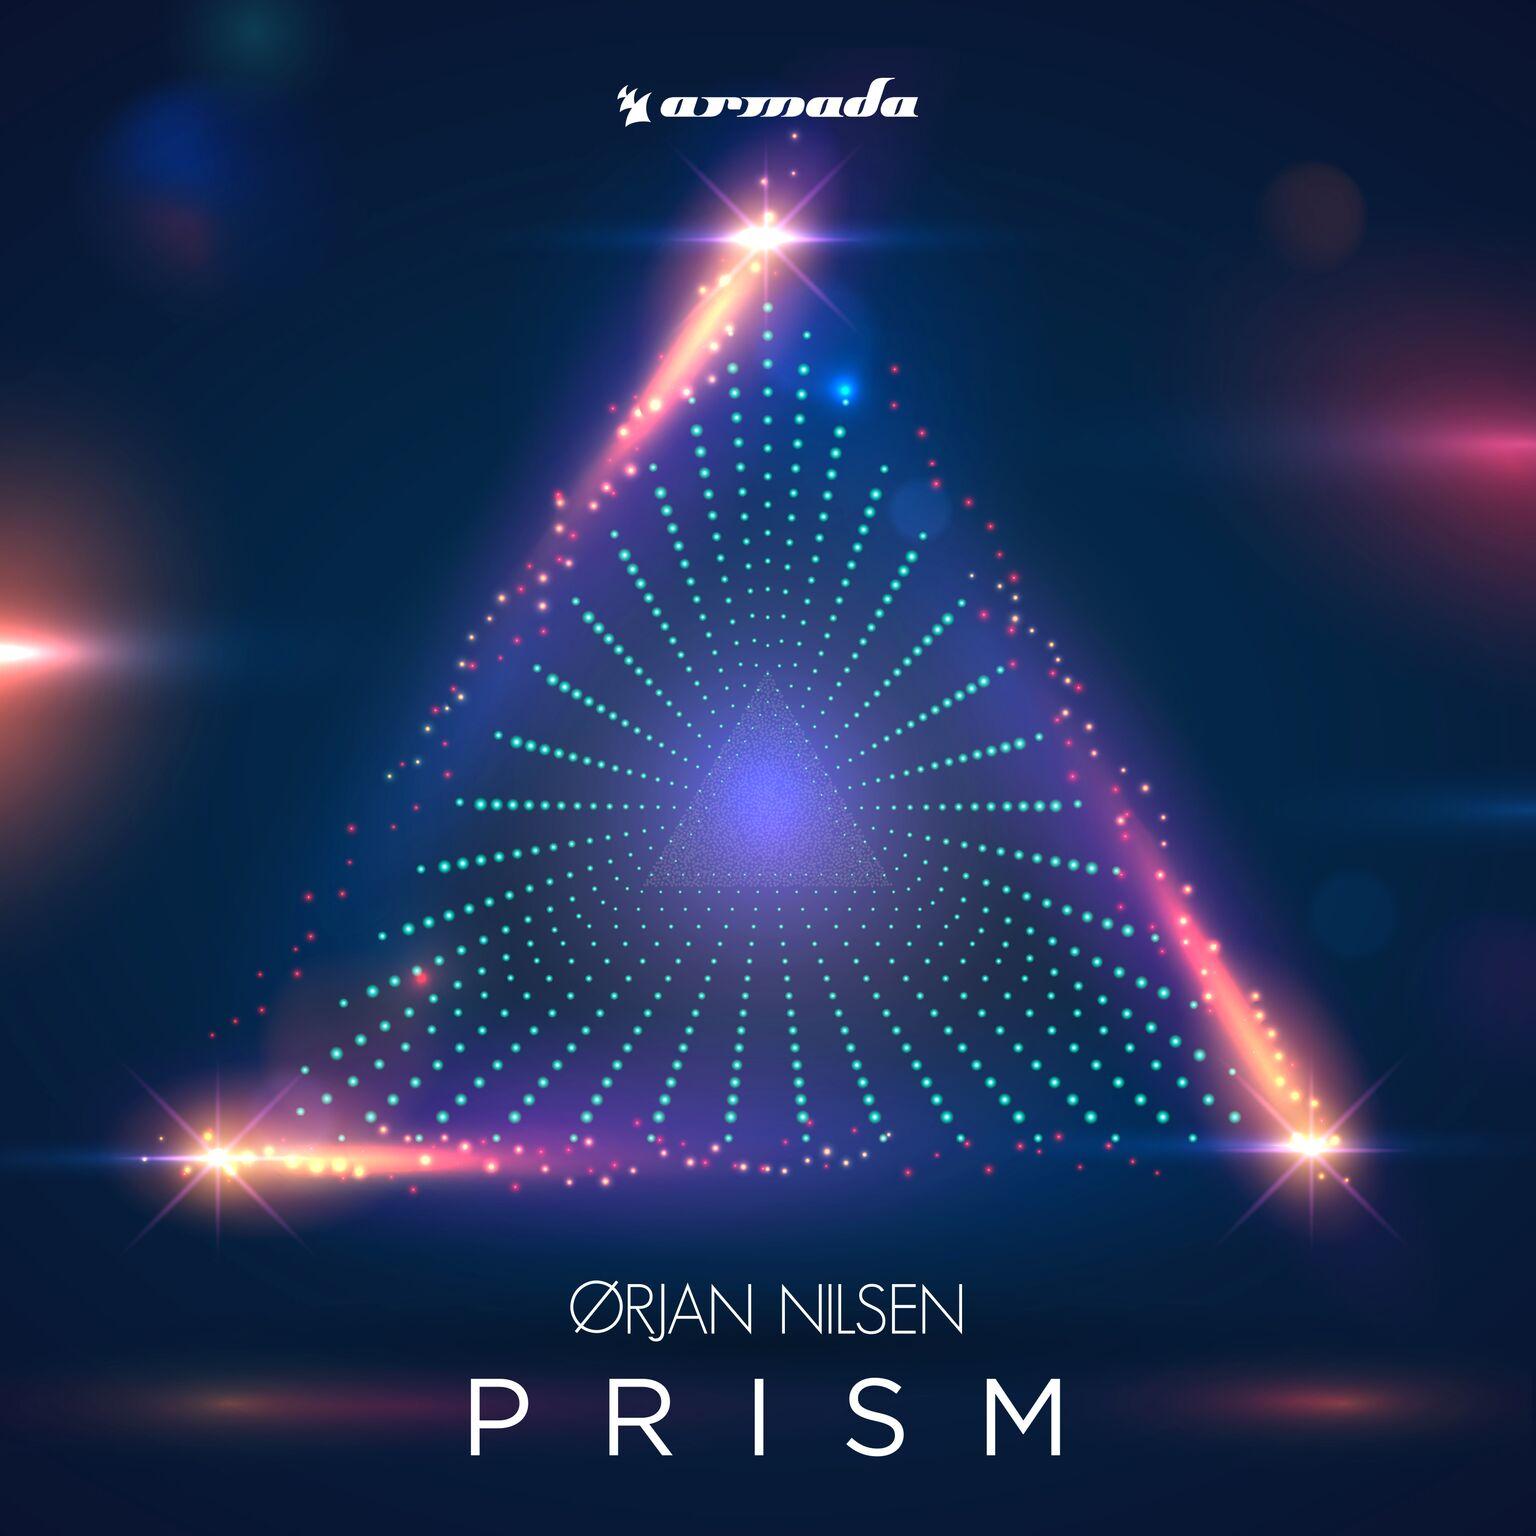 Orjan Nilsen - Prism